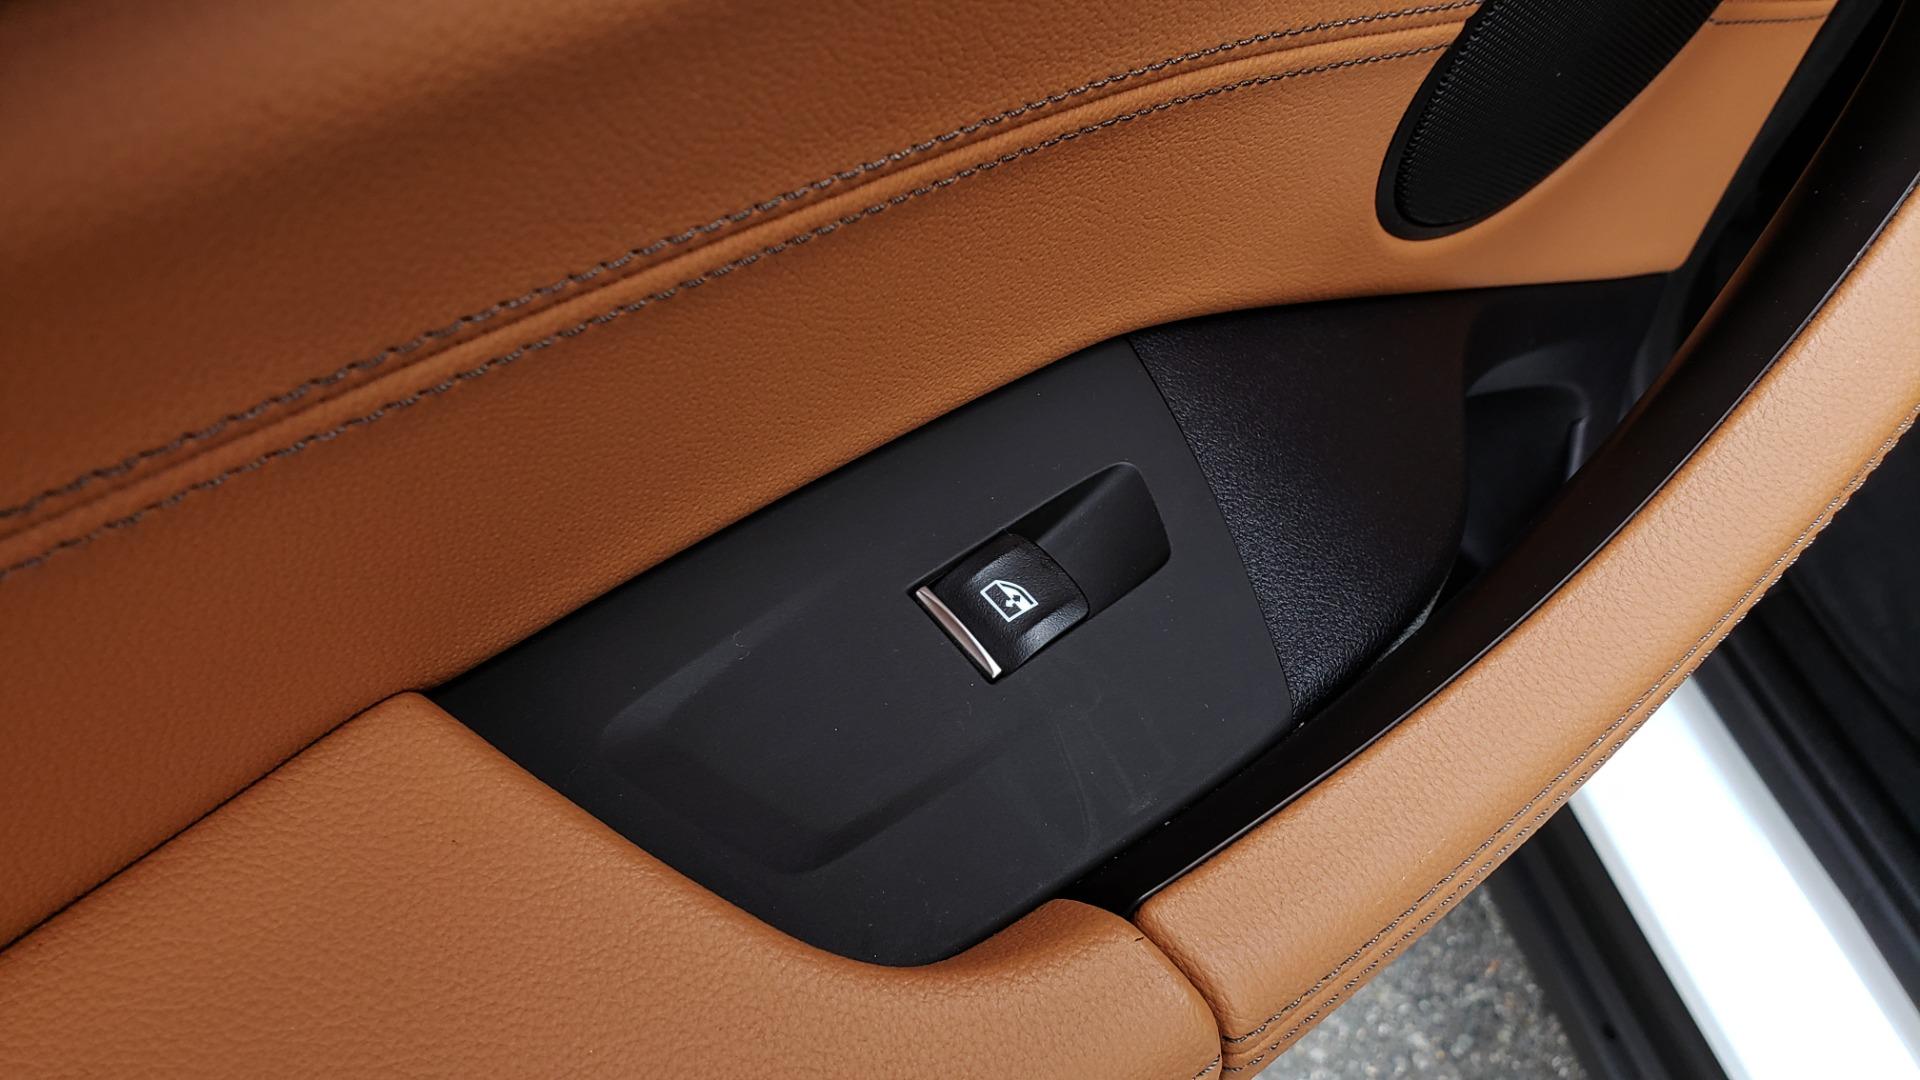 Used 2018 BMW X3 XDRIVE30I / LUX PKG / PREM PKG / CONV PKG / PDC / APPLE CARPLAY for sale Sold at Formula Imports in Charlotte NC 28227 62